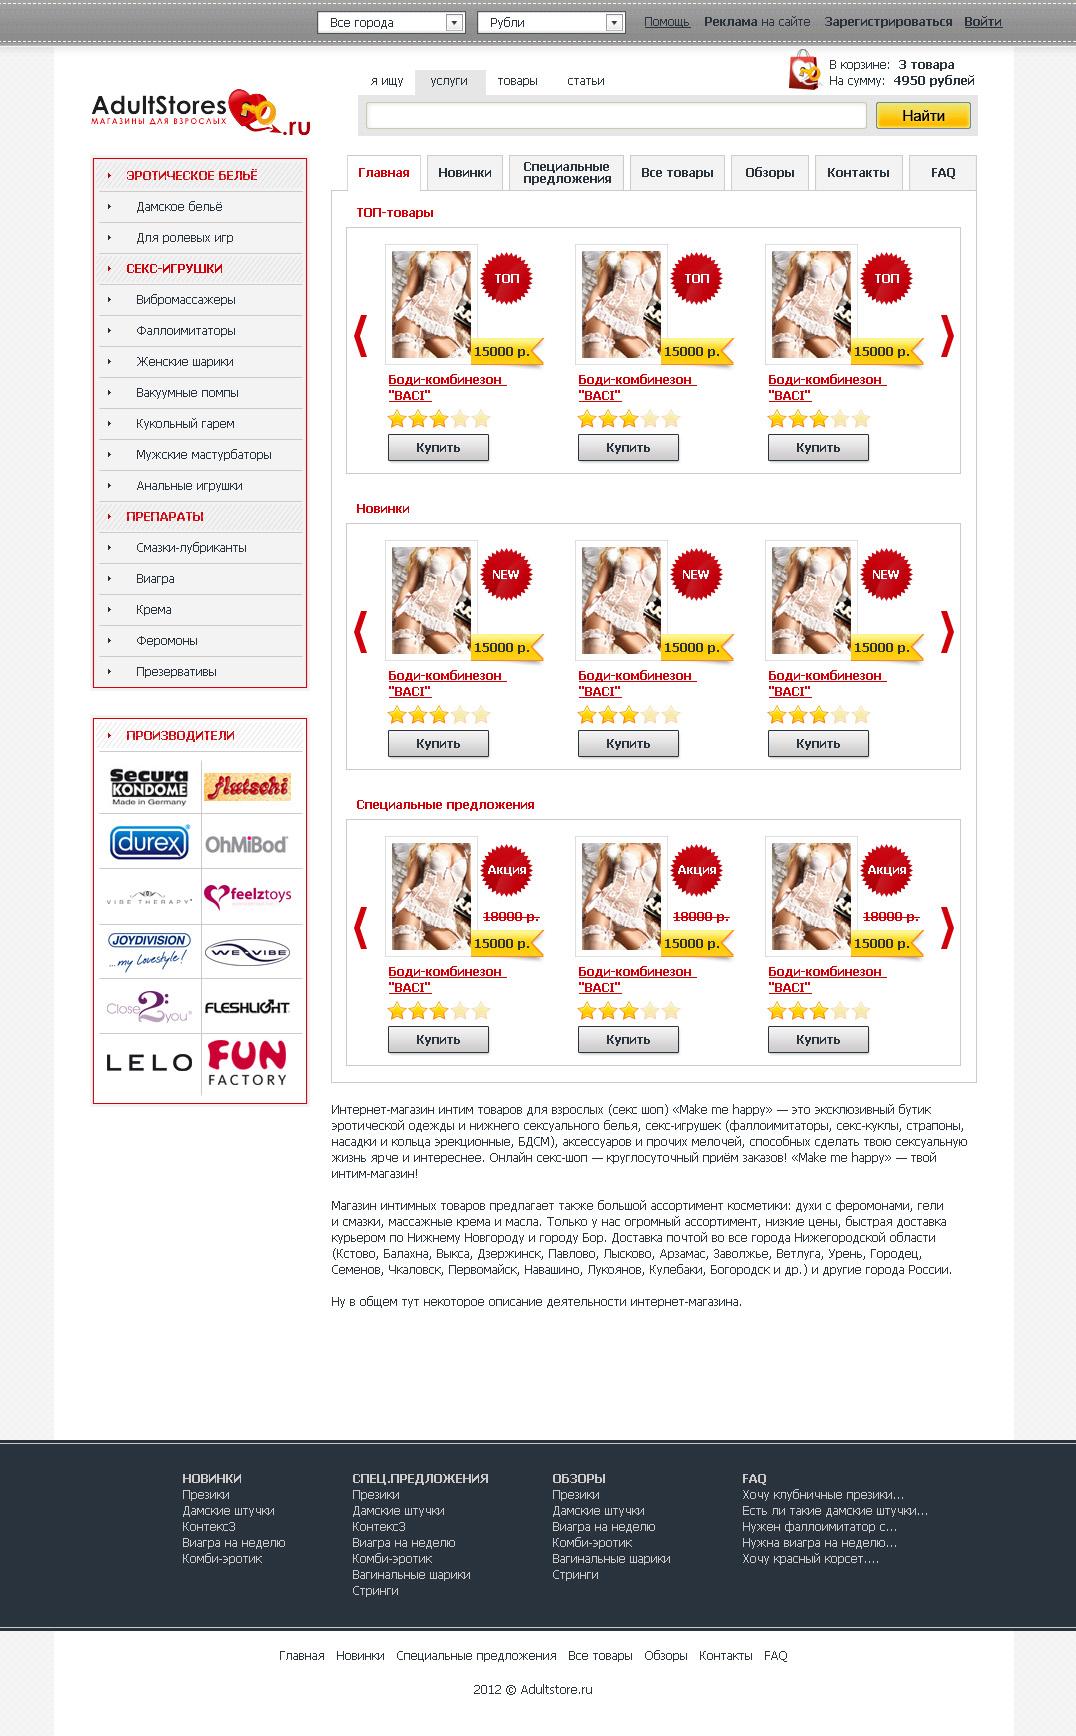 Сайт для взрослых AdultStores